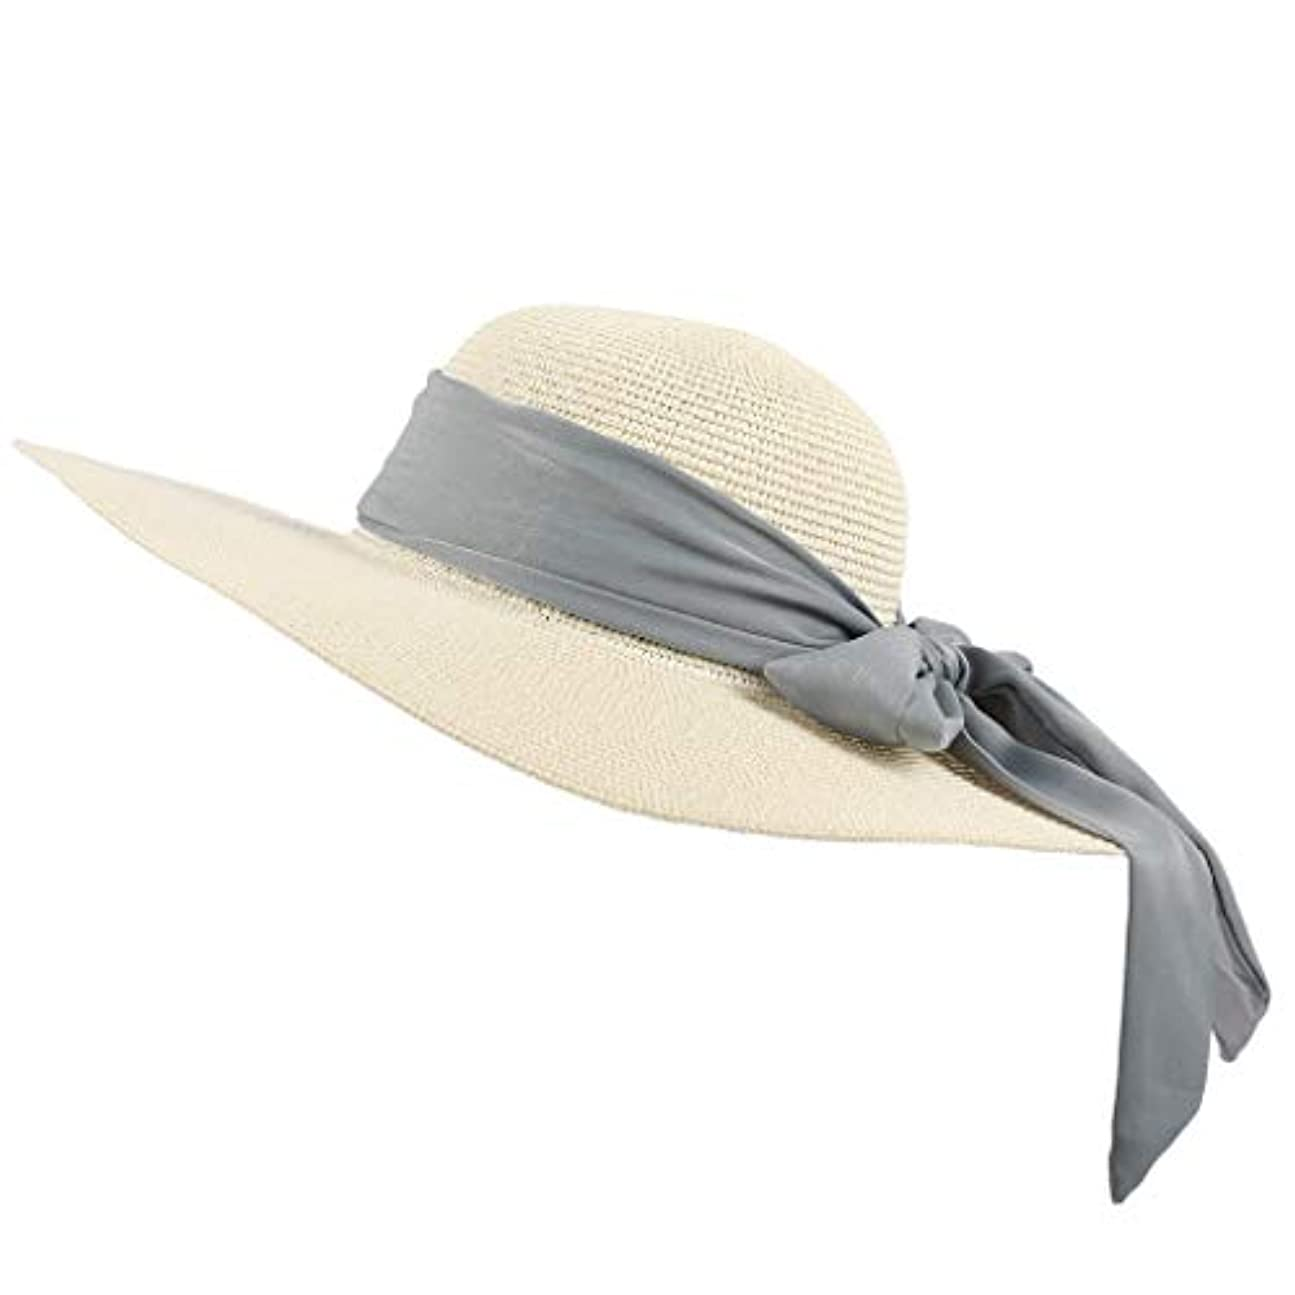 無臭元に戻す出演者帽子 レディース ROSE ROMAN UVカット ハット 紫外線対策 可愛い 小顔効果抜群 日よけ つば広 おしゃれ 可愛い 夏季 海 旅行 無地 ビーチ 海辺 ワイルド パーティー ダンスパーティー パーティー シンプル 発送